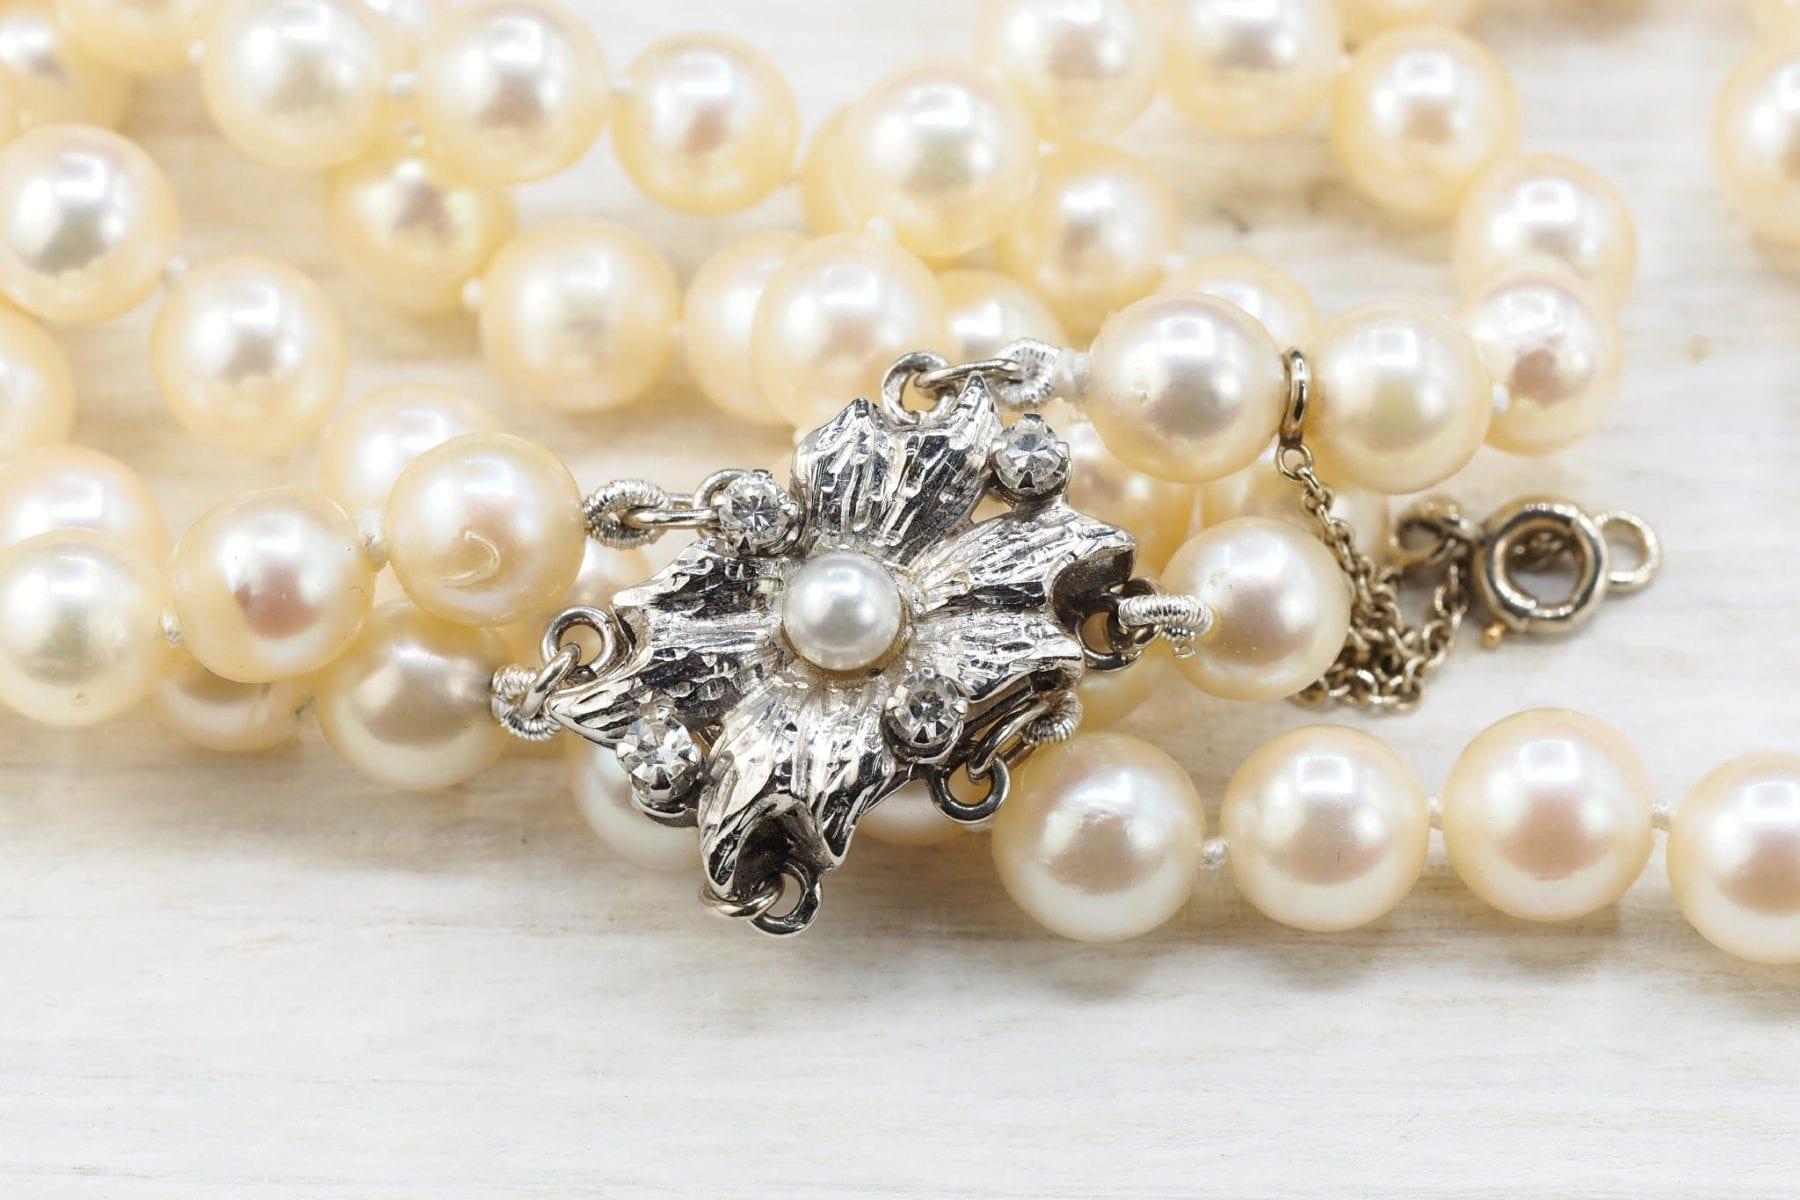 Collier de perles de culture trois rangs et or blanc 18k